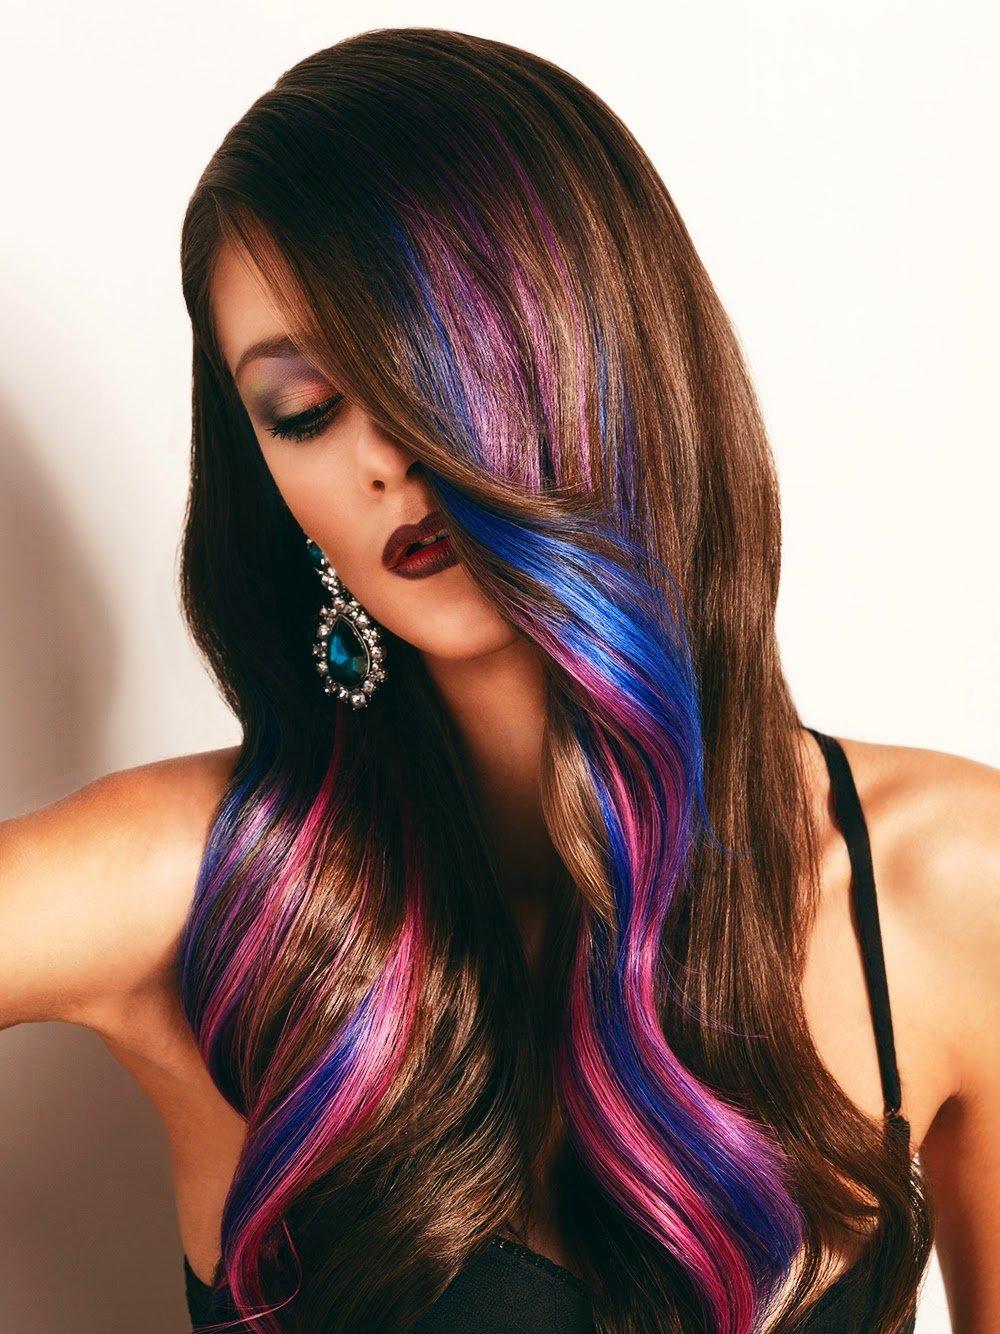 прядь волос красивые картинки красотка, единственное